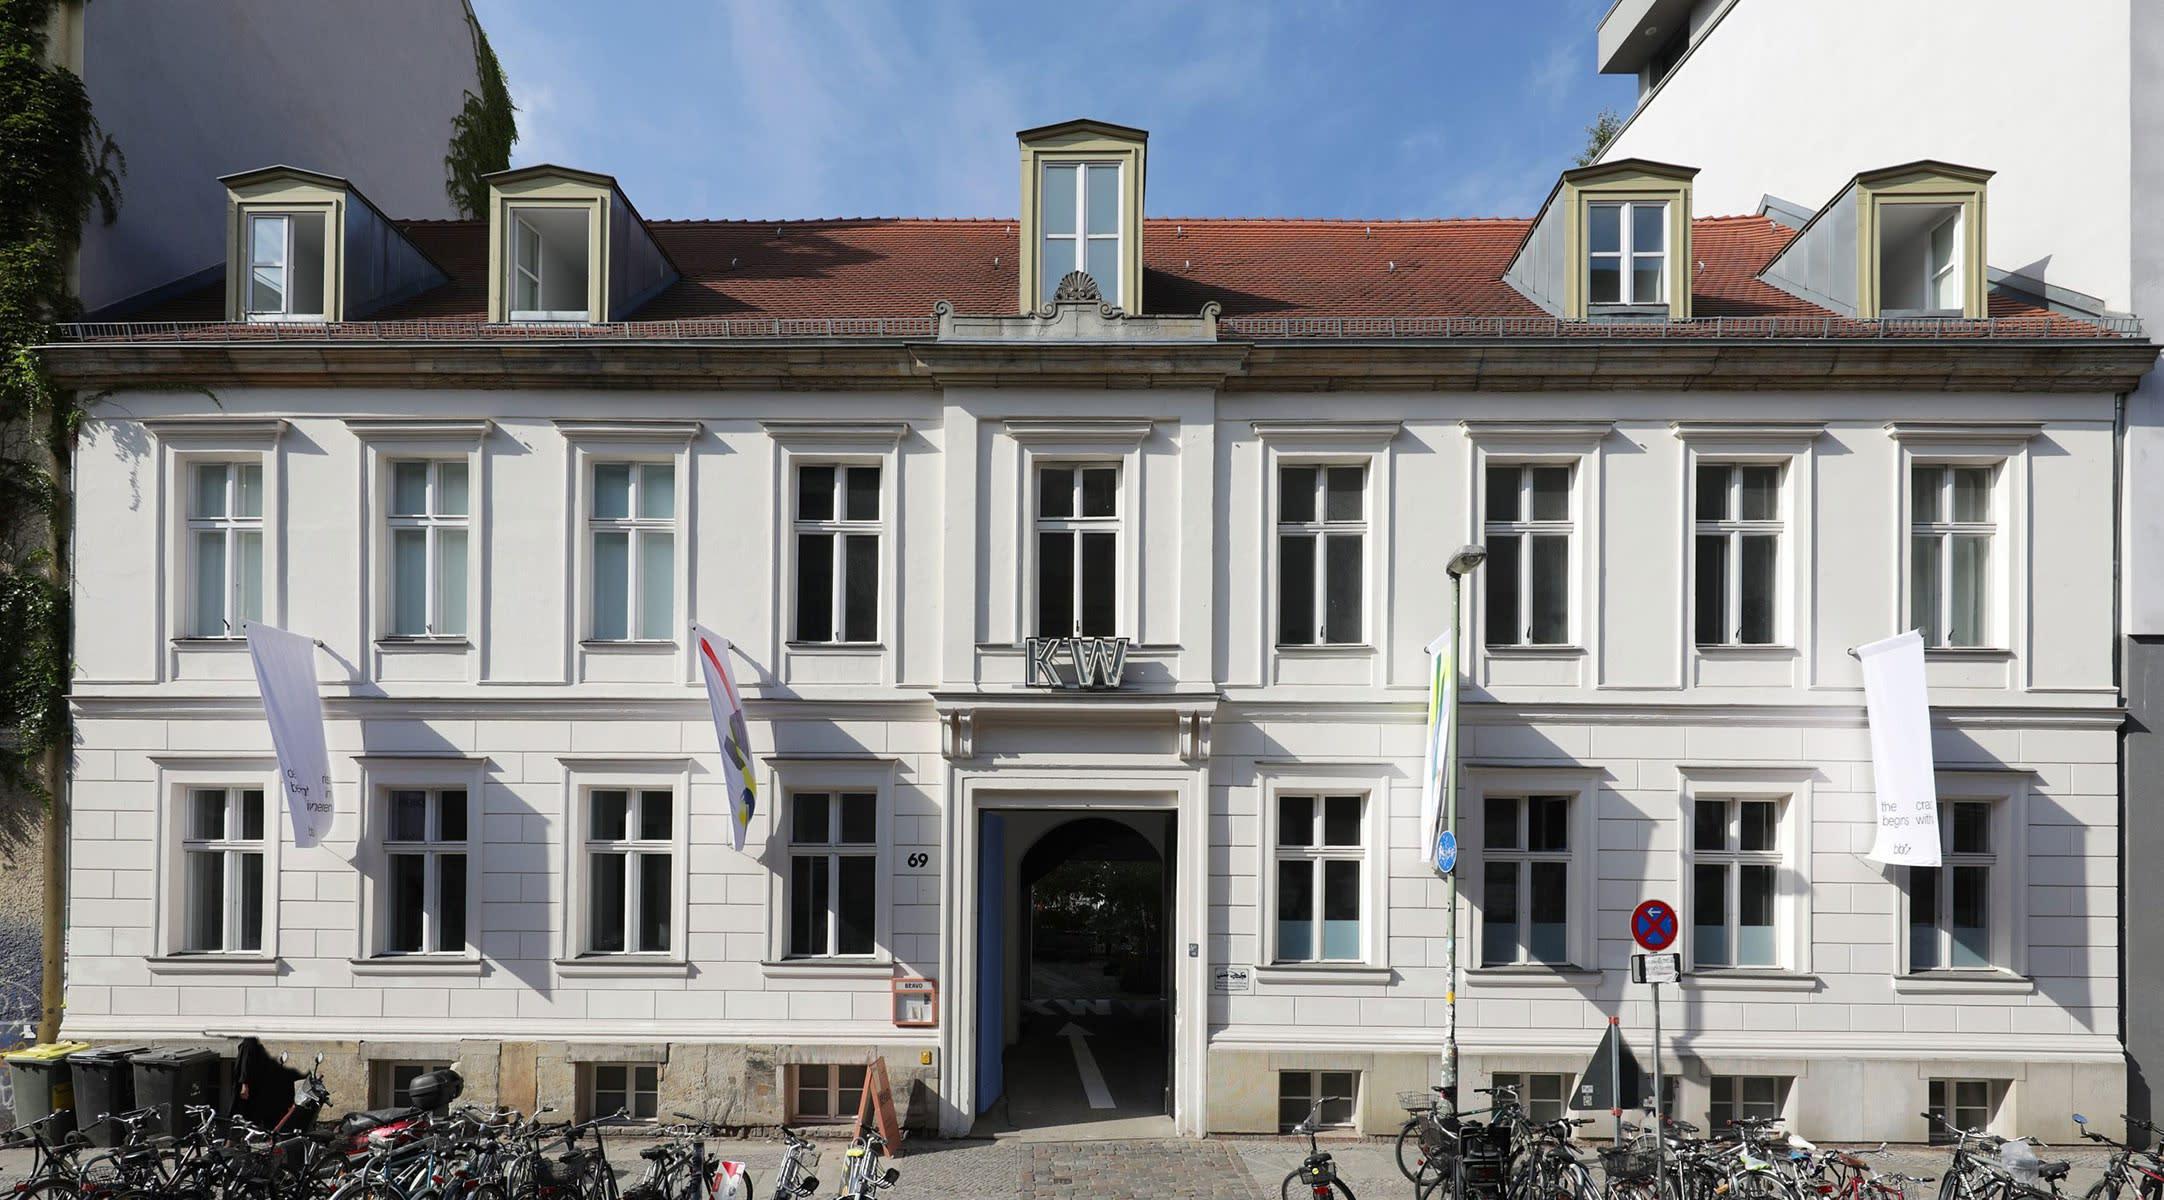 kw institute, auguststrasse, berlin